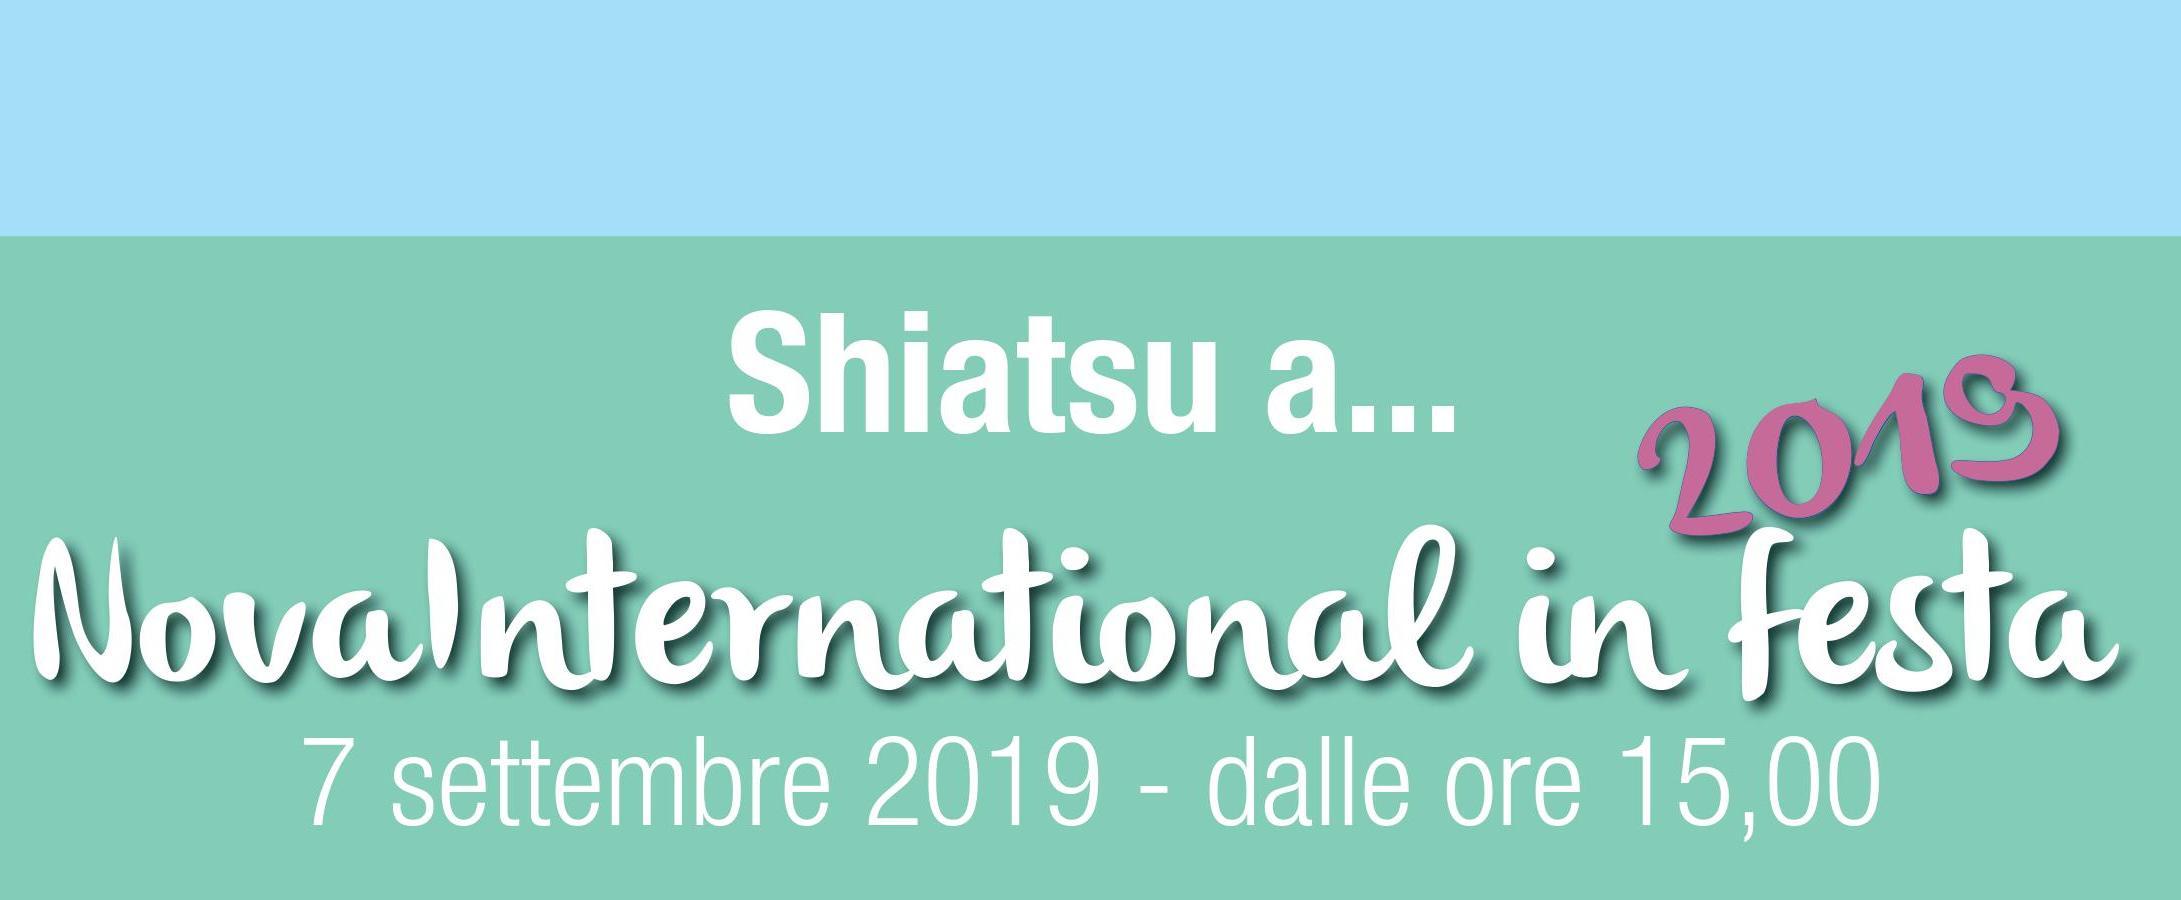 Lo Shiatsu IRTE per l'associazione NOVA